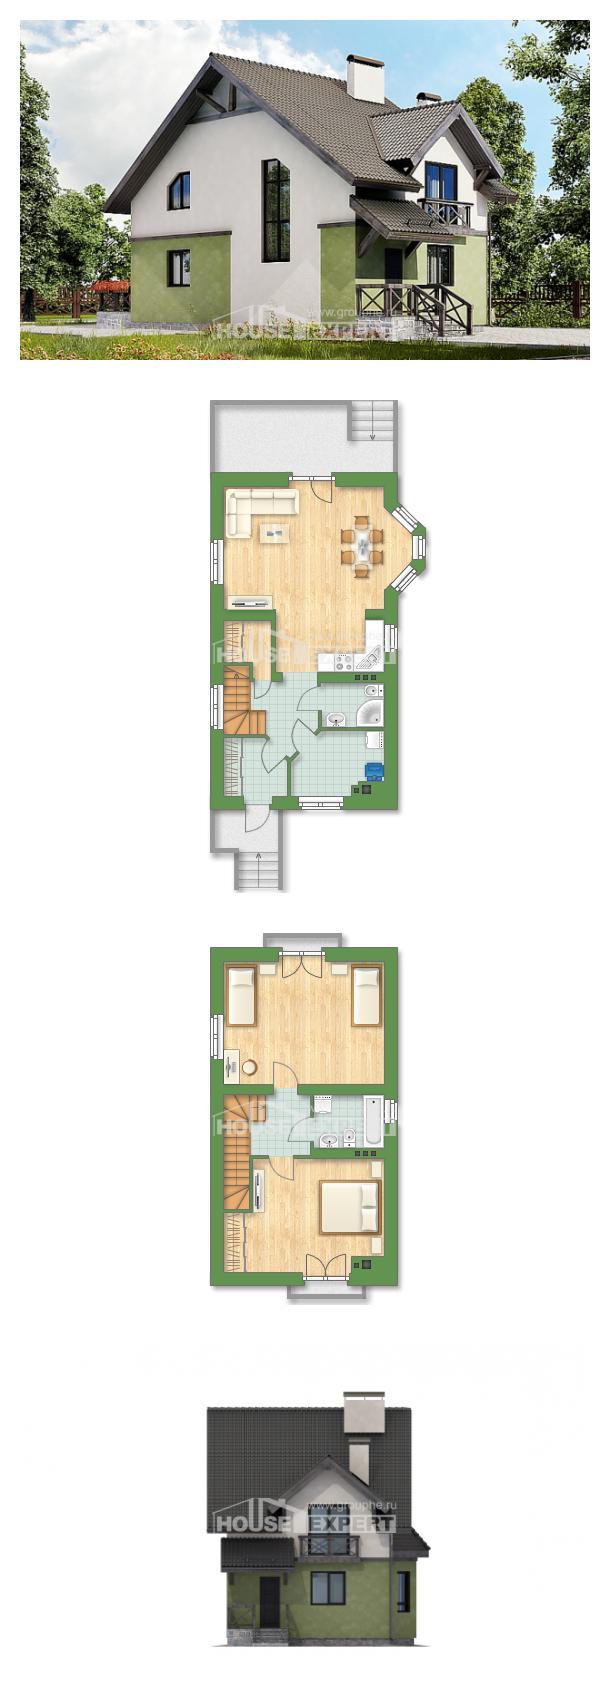 Plan 120-003-R | House Expert